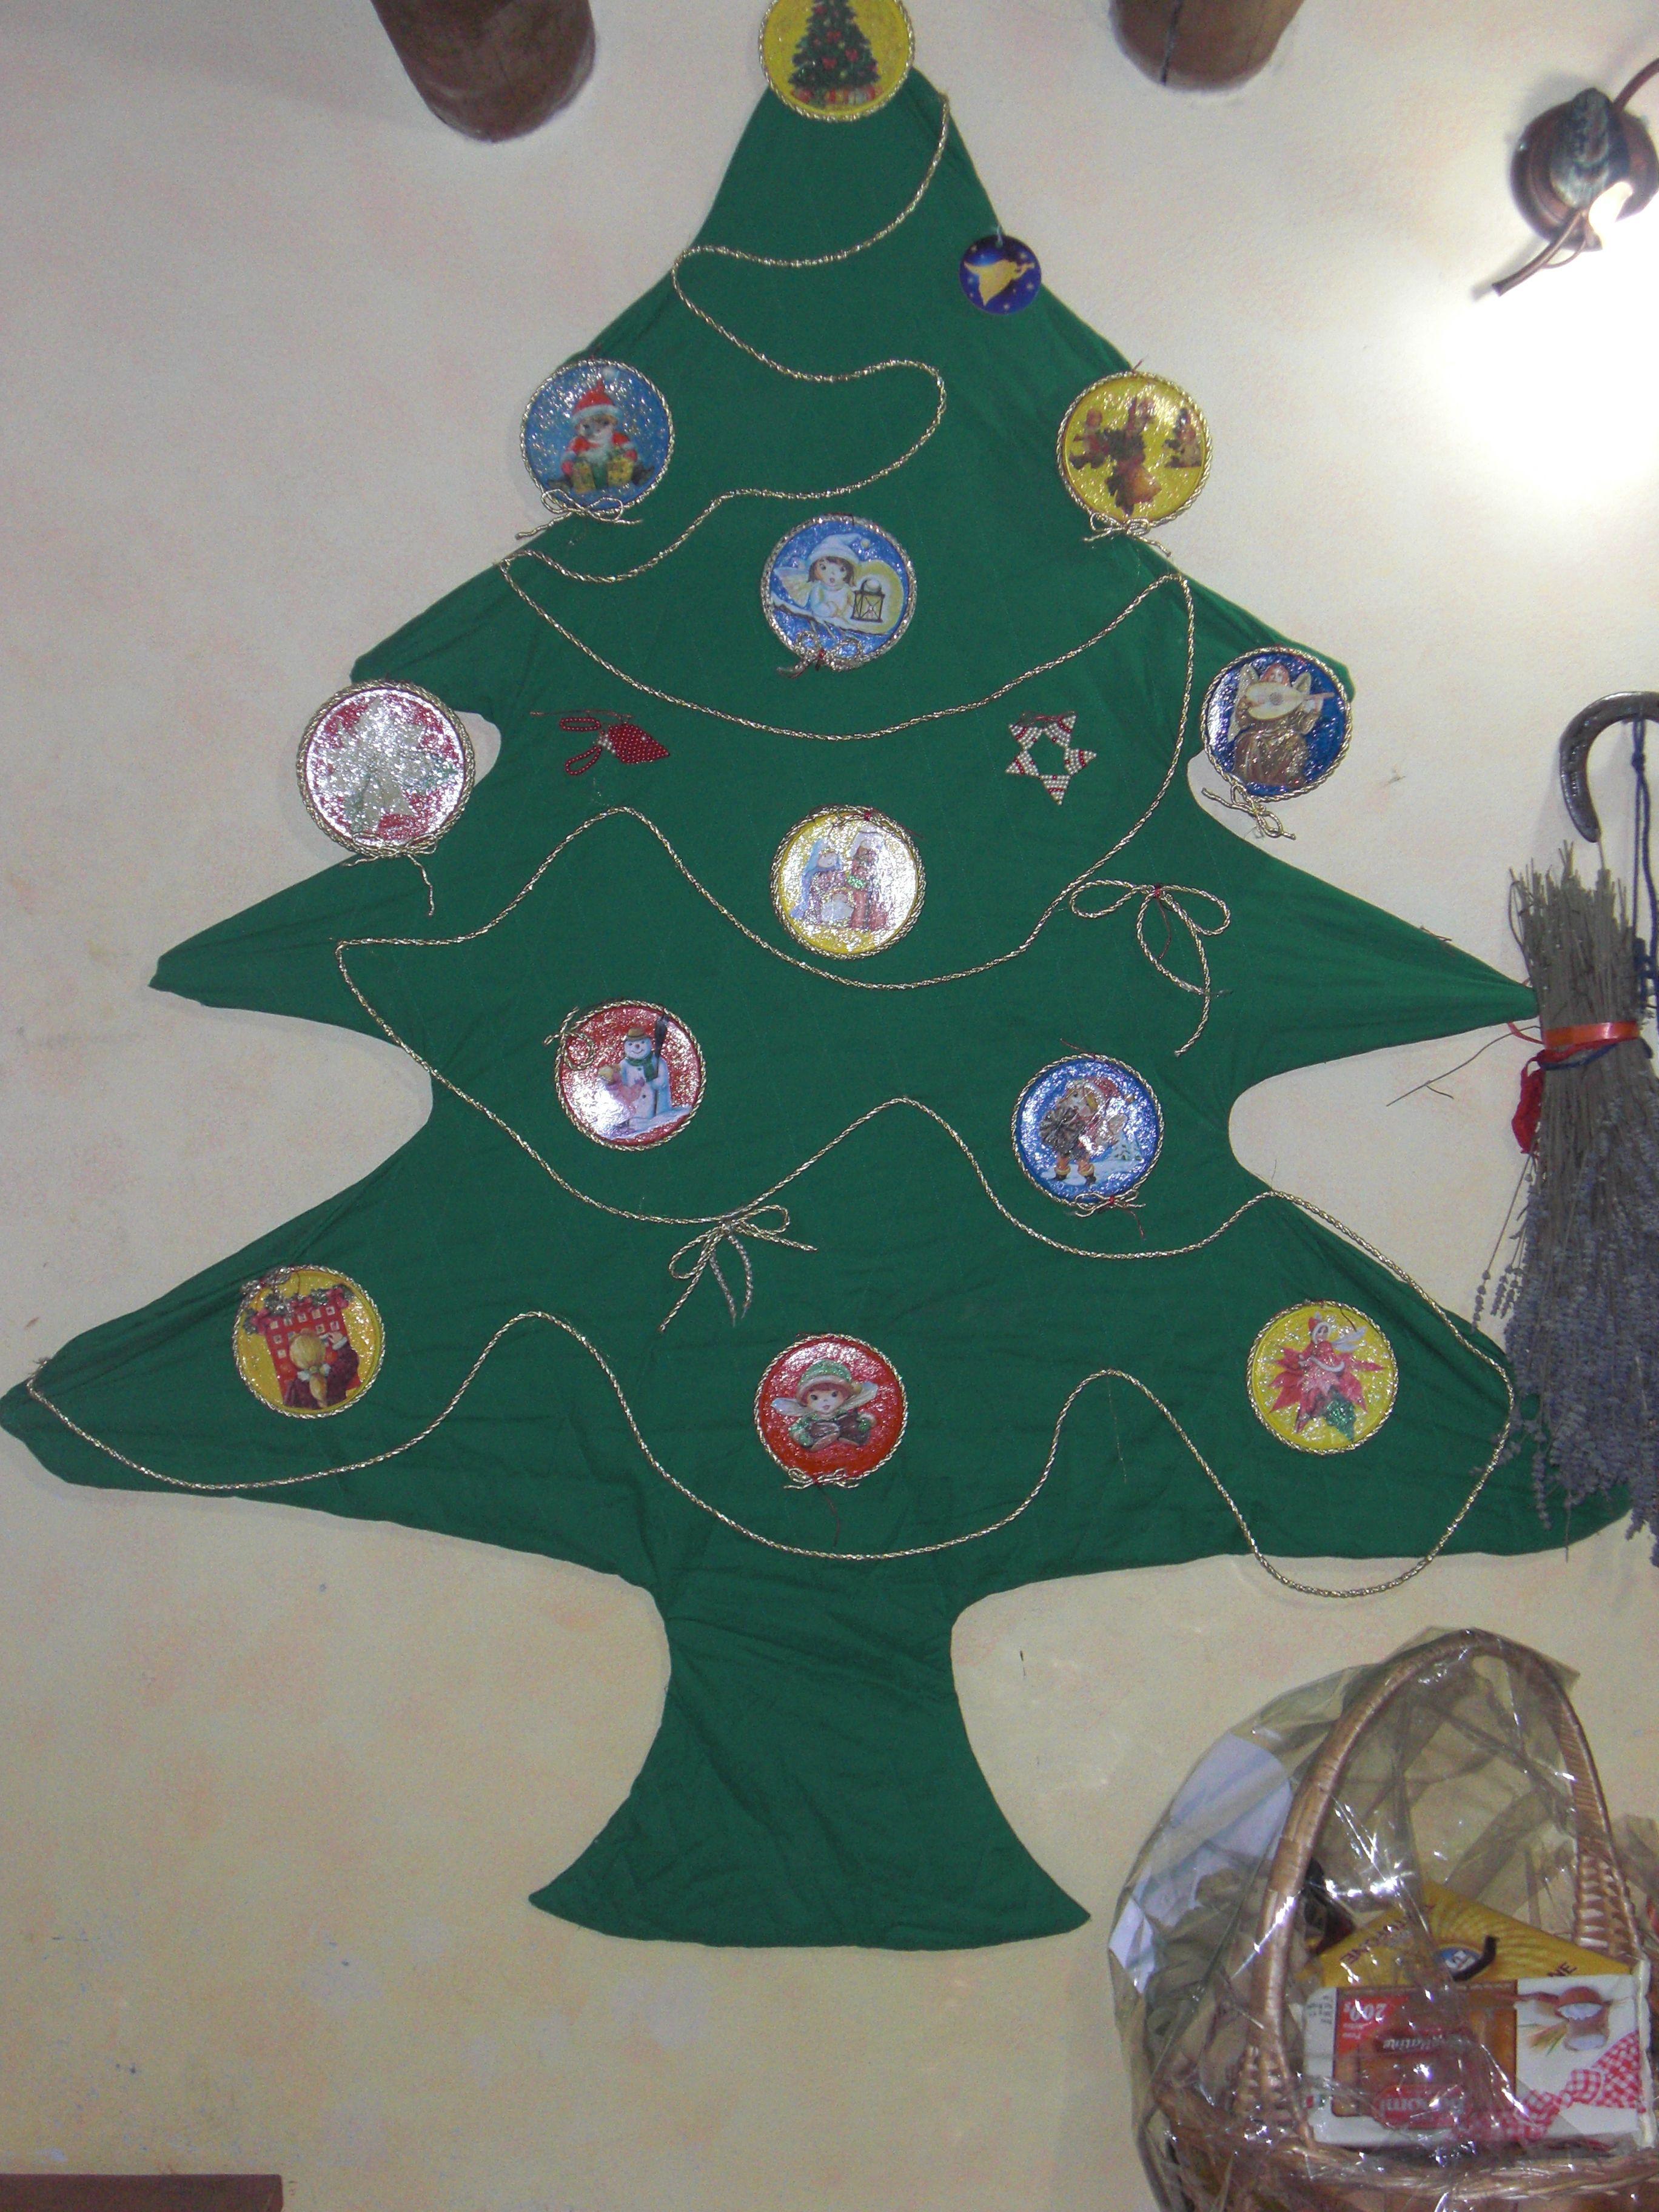 albero di natale slim fatto con stoffa verde e palline fatte a decoupage su tappi del mascarpone